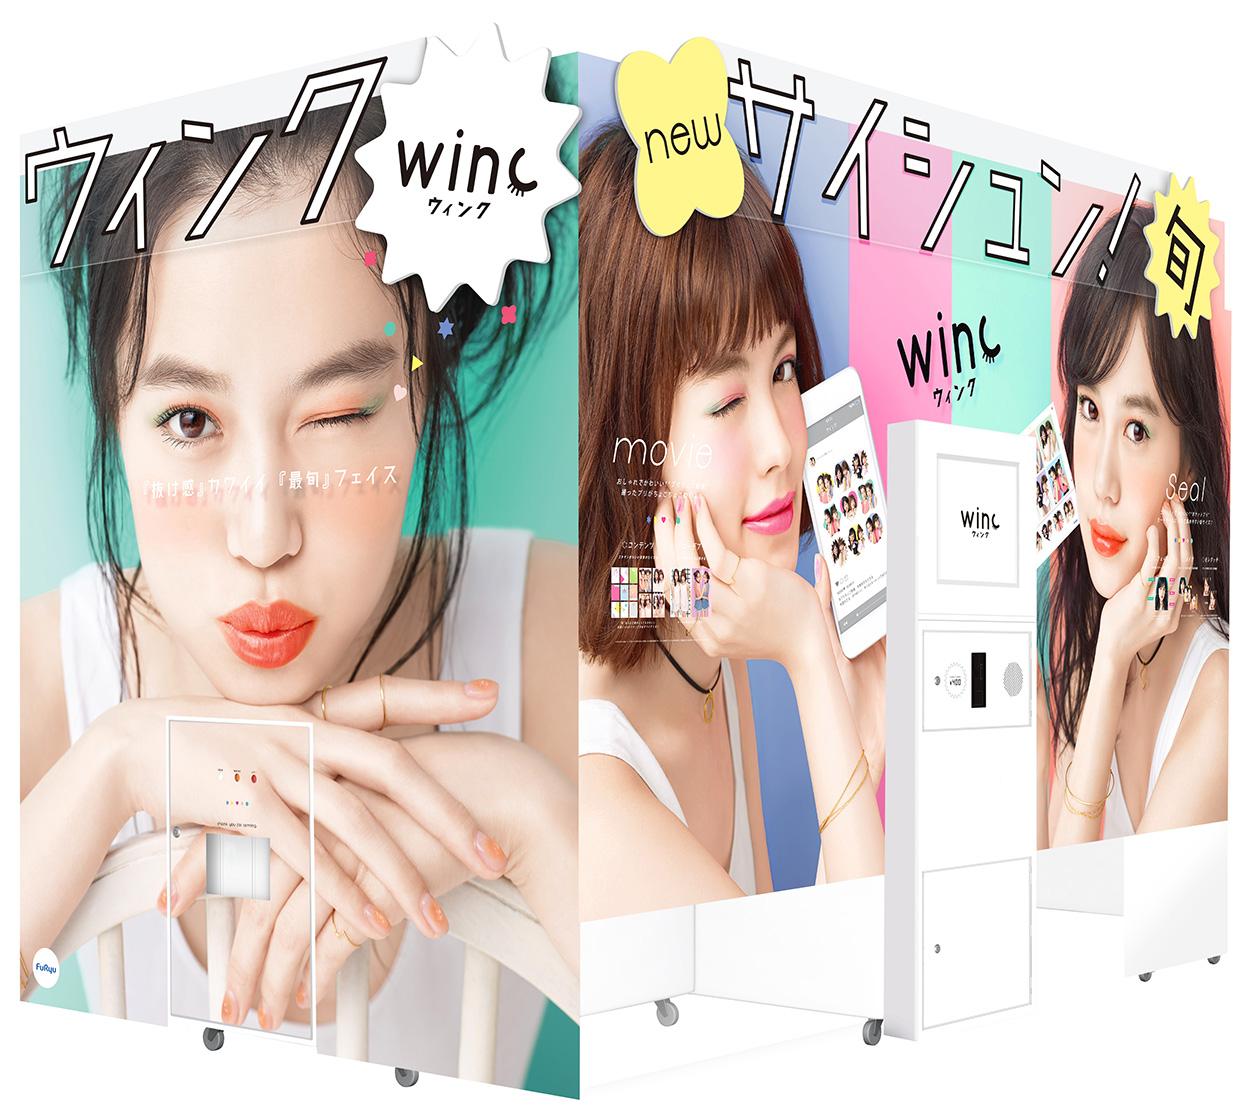 『winc』本体イメージ